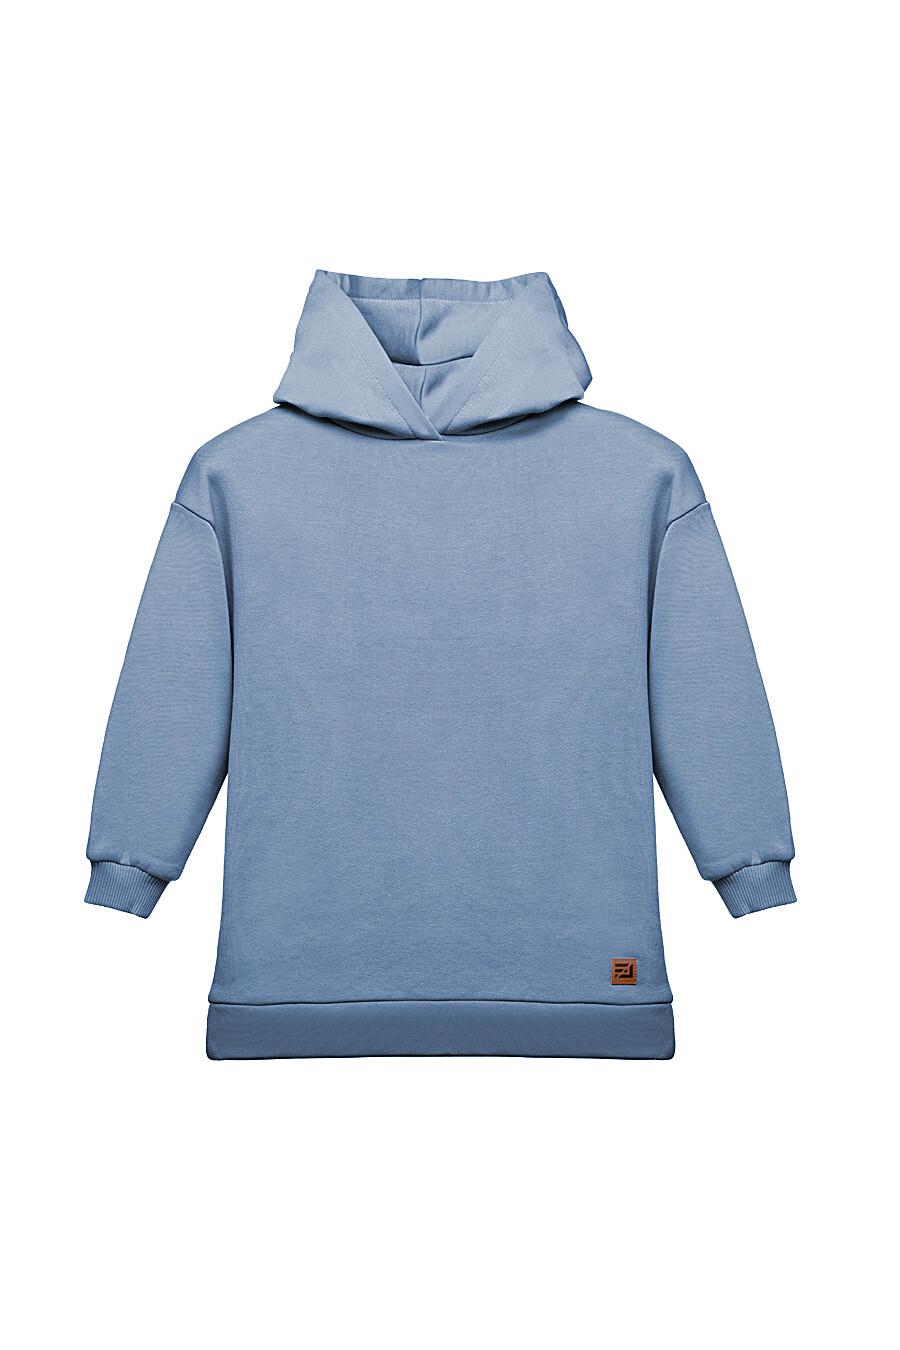 Худи для мальчиков EZANNA 649341 купить оптом от производителя. Совместная покупка детской одежды в OptMoyo